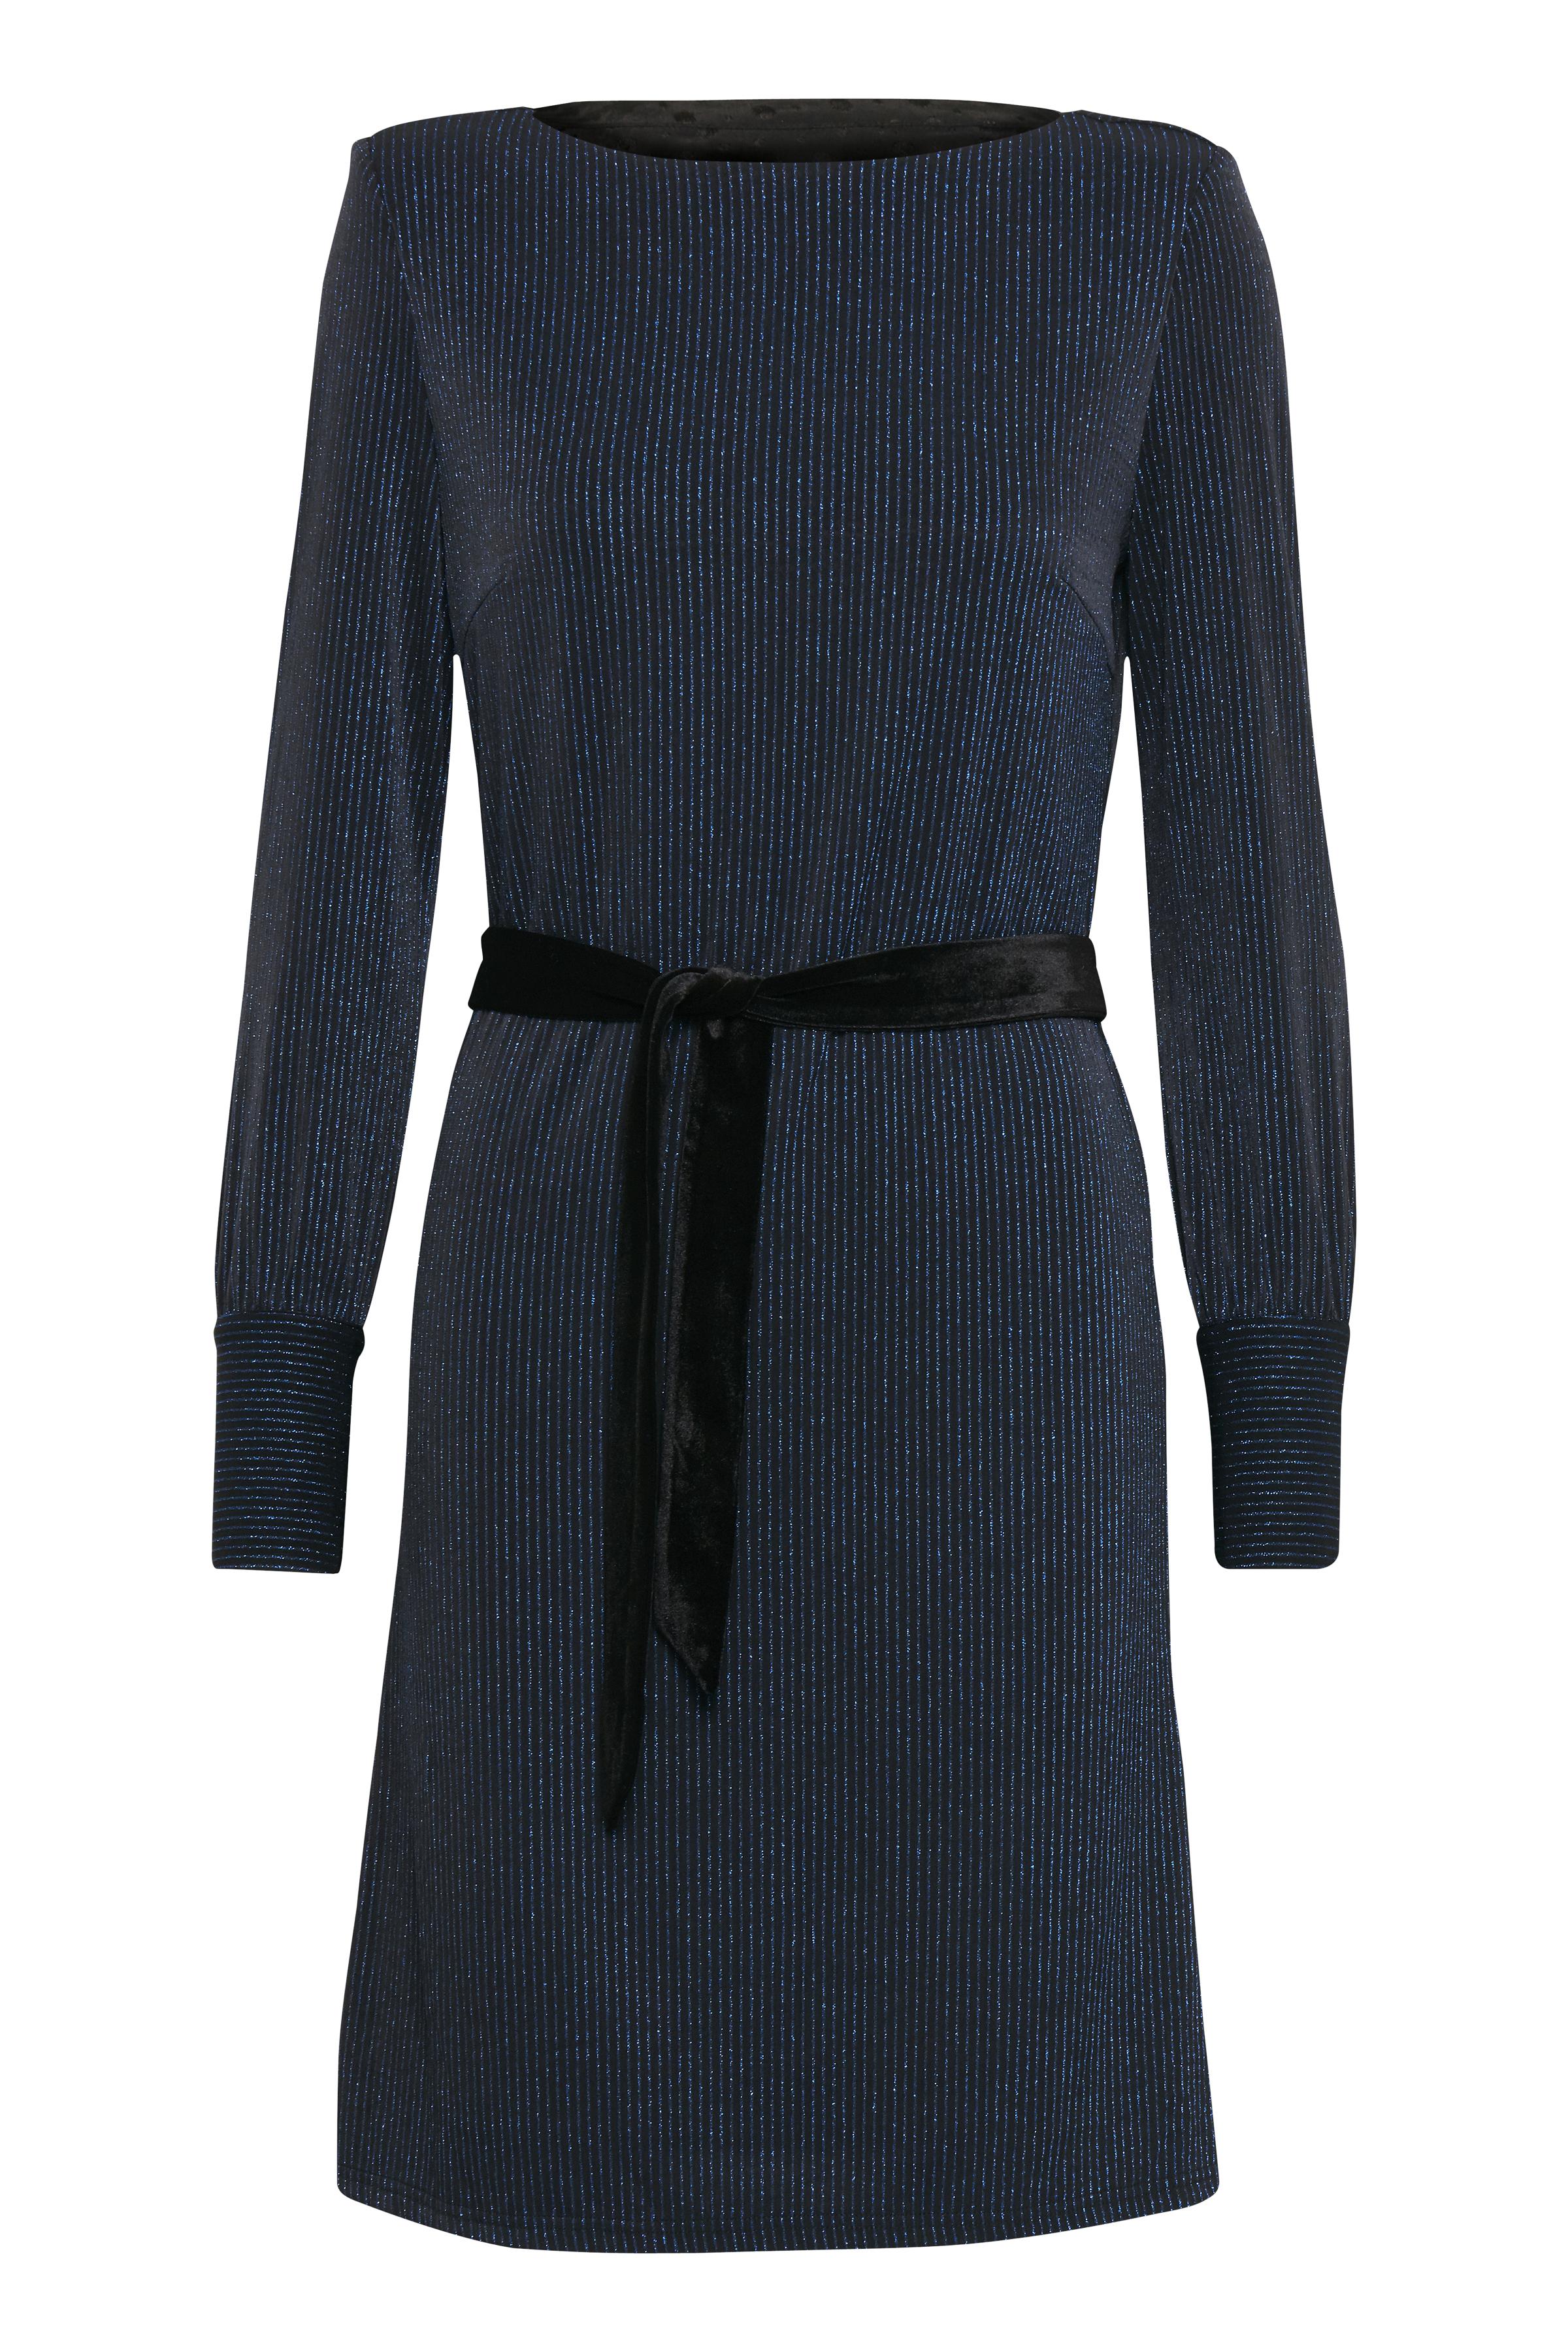 Dranella Dame Elegant kjole, som du vil elske at have på, når efterårets fester melder sig. Kjolen - Mørkeblå